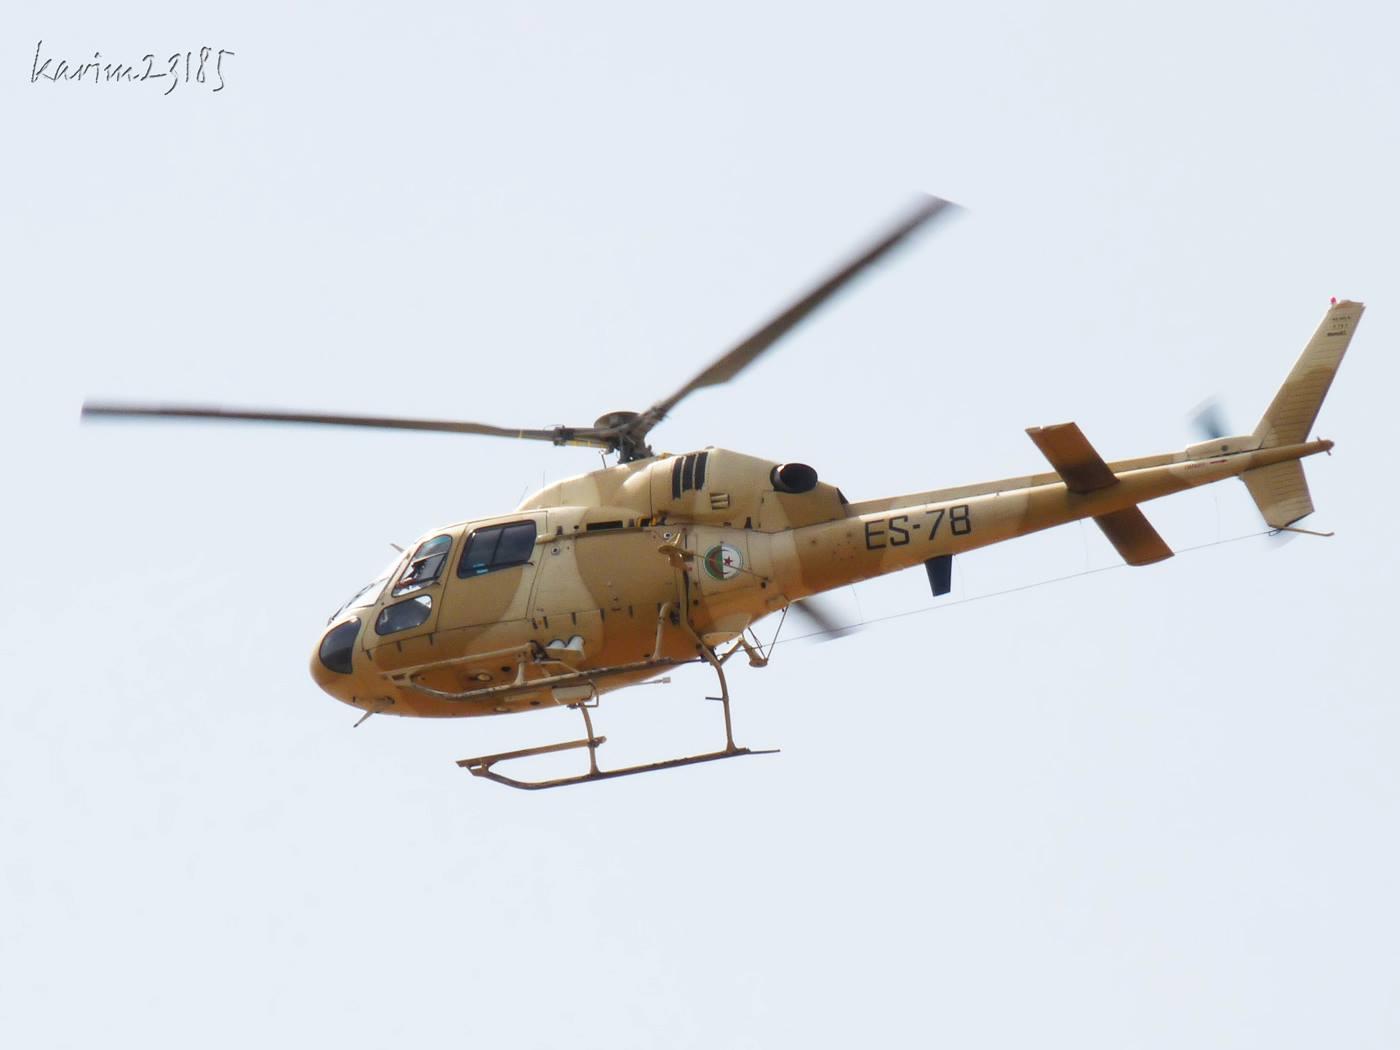 صور مروحيات القوات الجوية الجزائرية Ecureuil/Fennec ] AS-355N2 / AS-555N ] - صفحة 4 25902182643_03bb2c5182_o